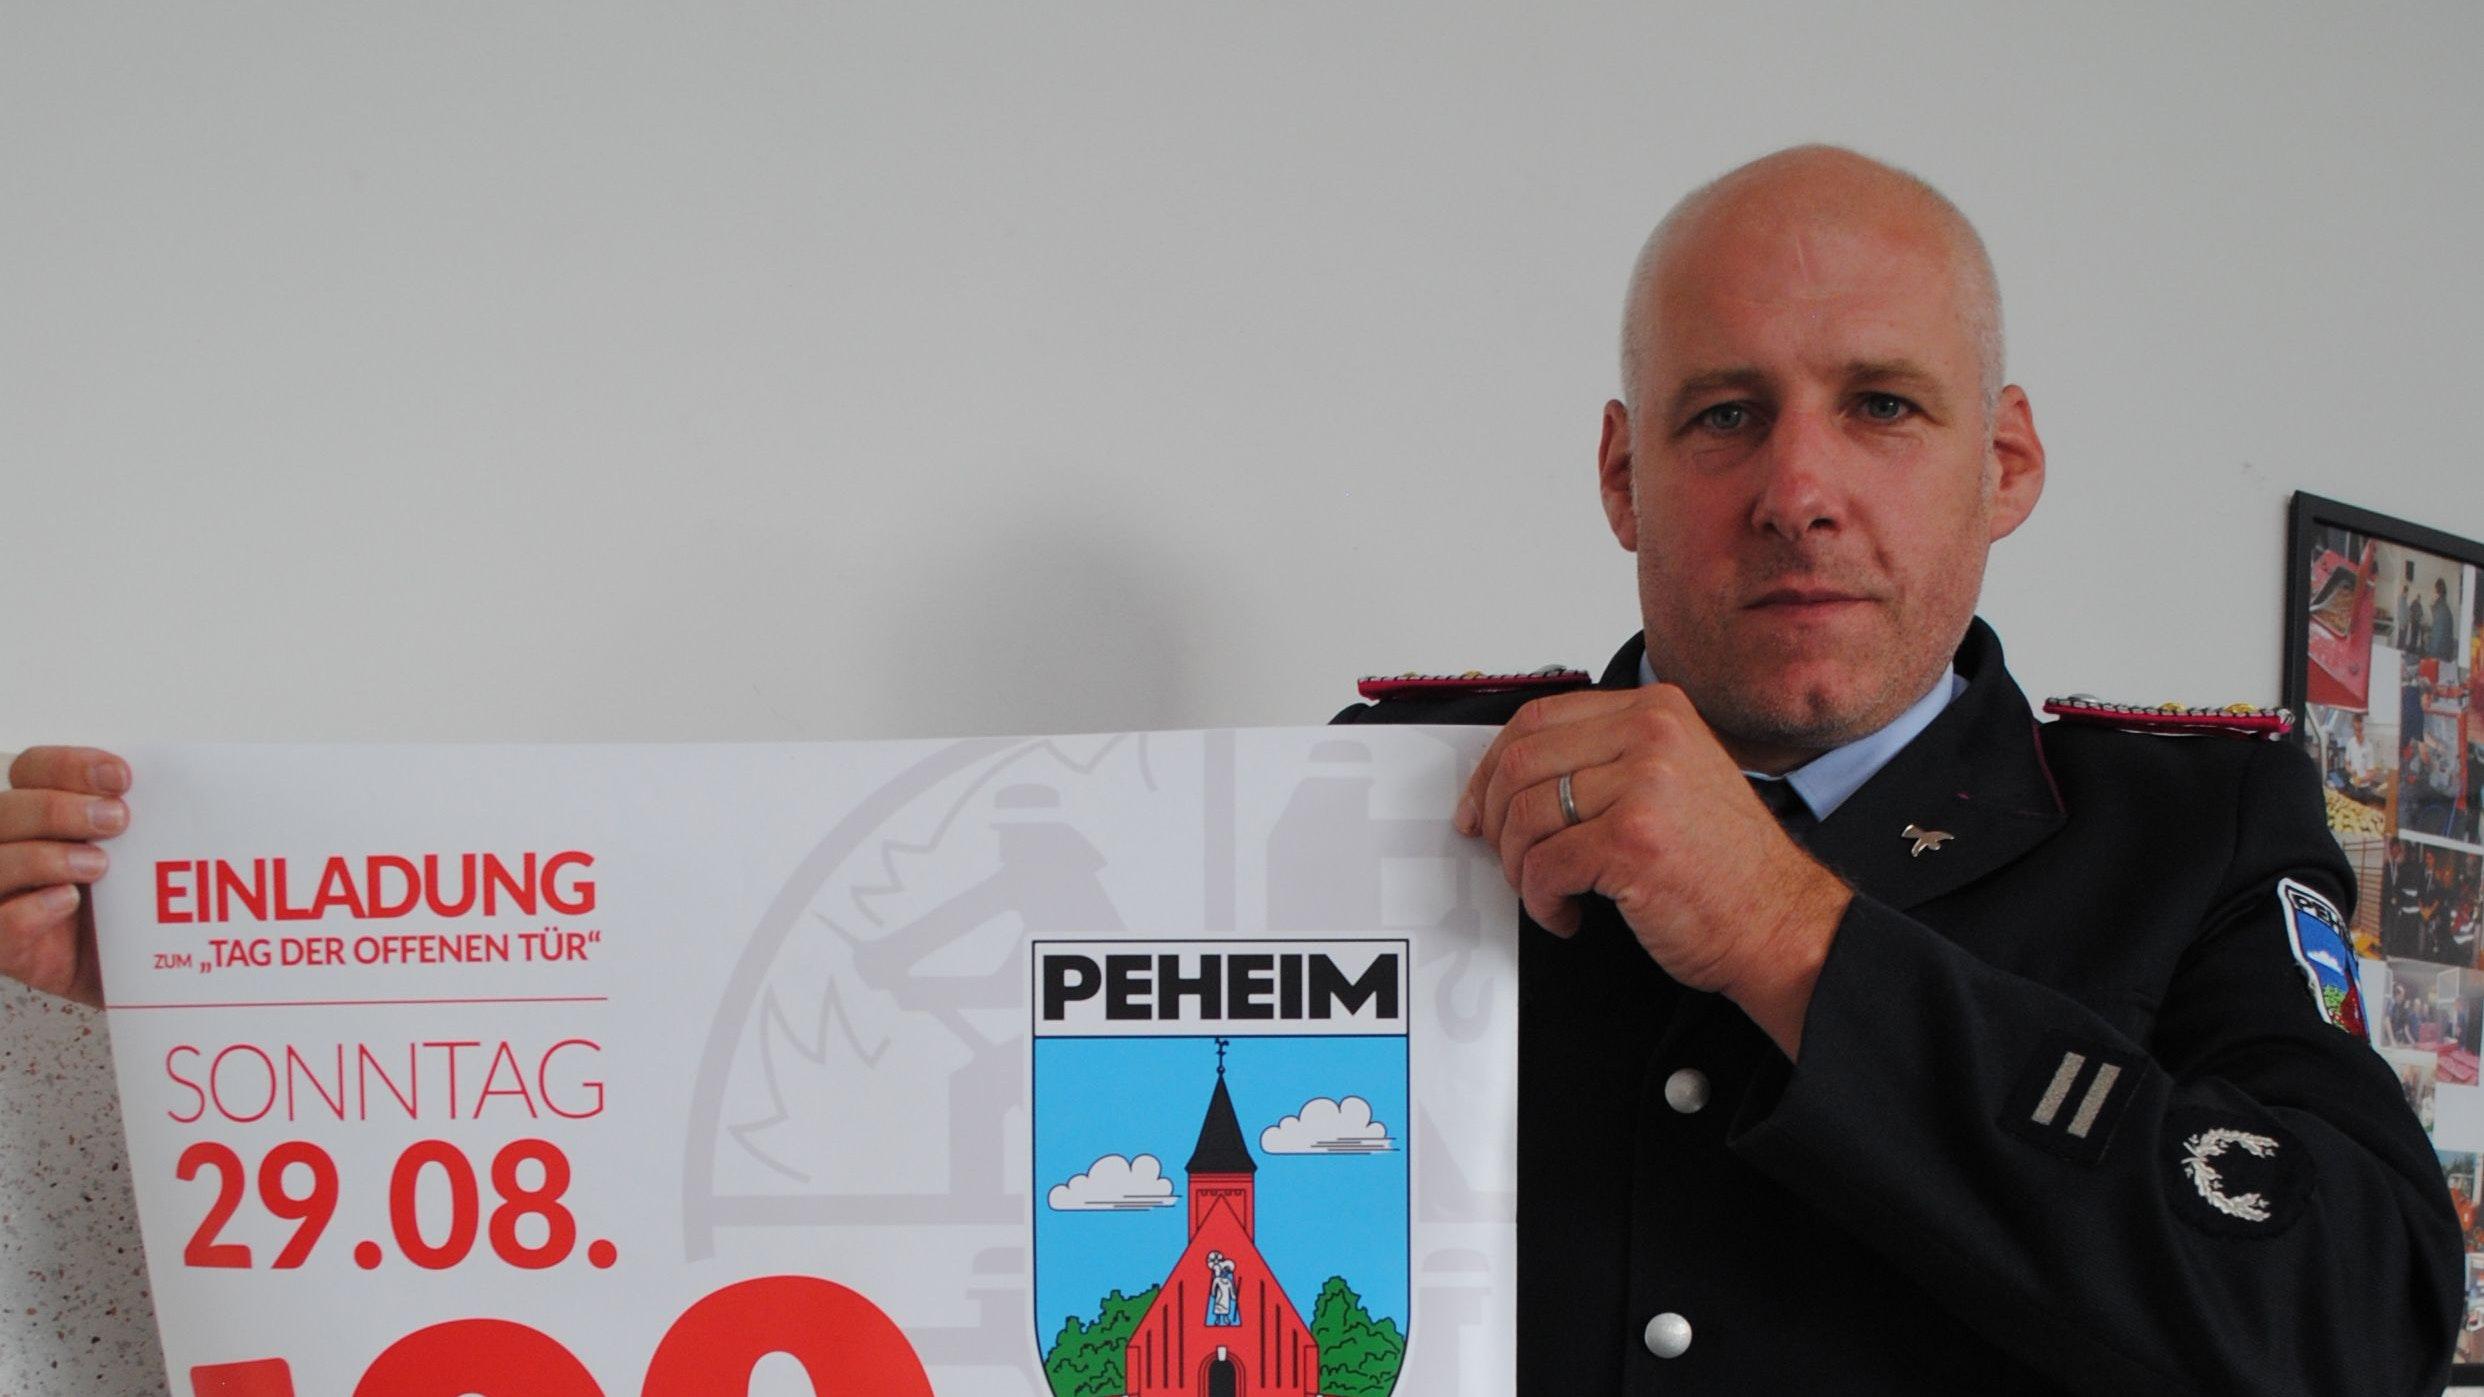 Werbung: Ortsbrandmeister Frank Stammermann lädt die Peheimer ein. Foto: Götting